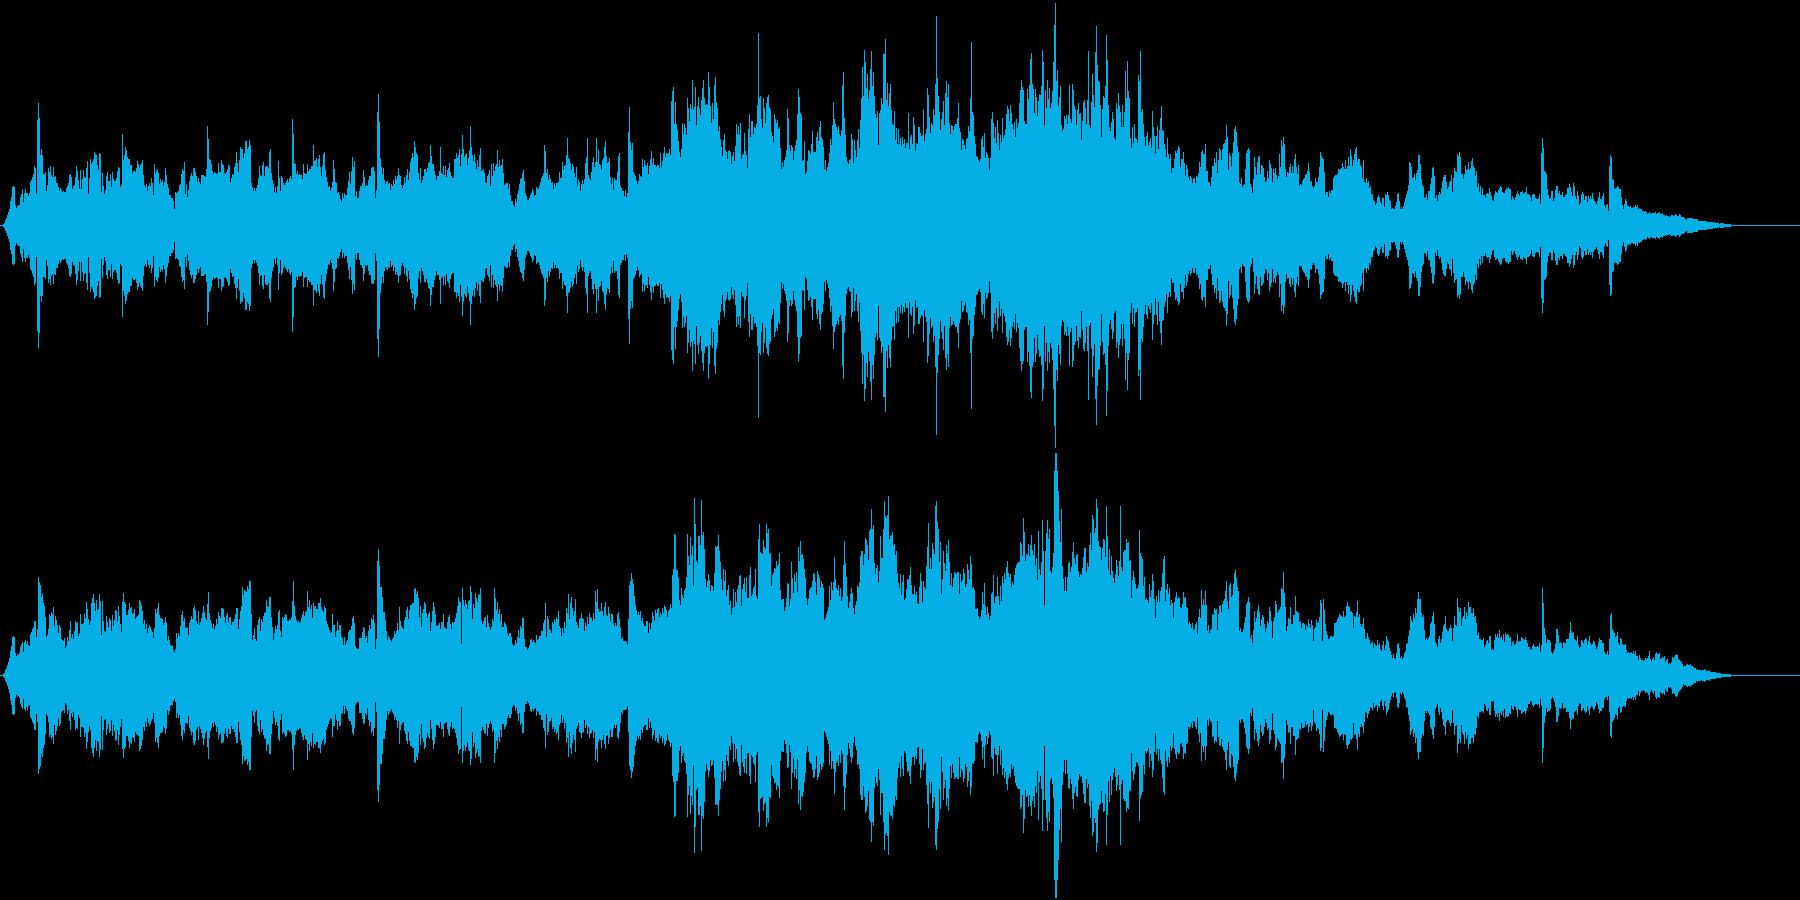 ダニーボーイ/バイオリン/ケルト/生演奏の再生済みの波形